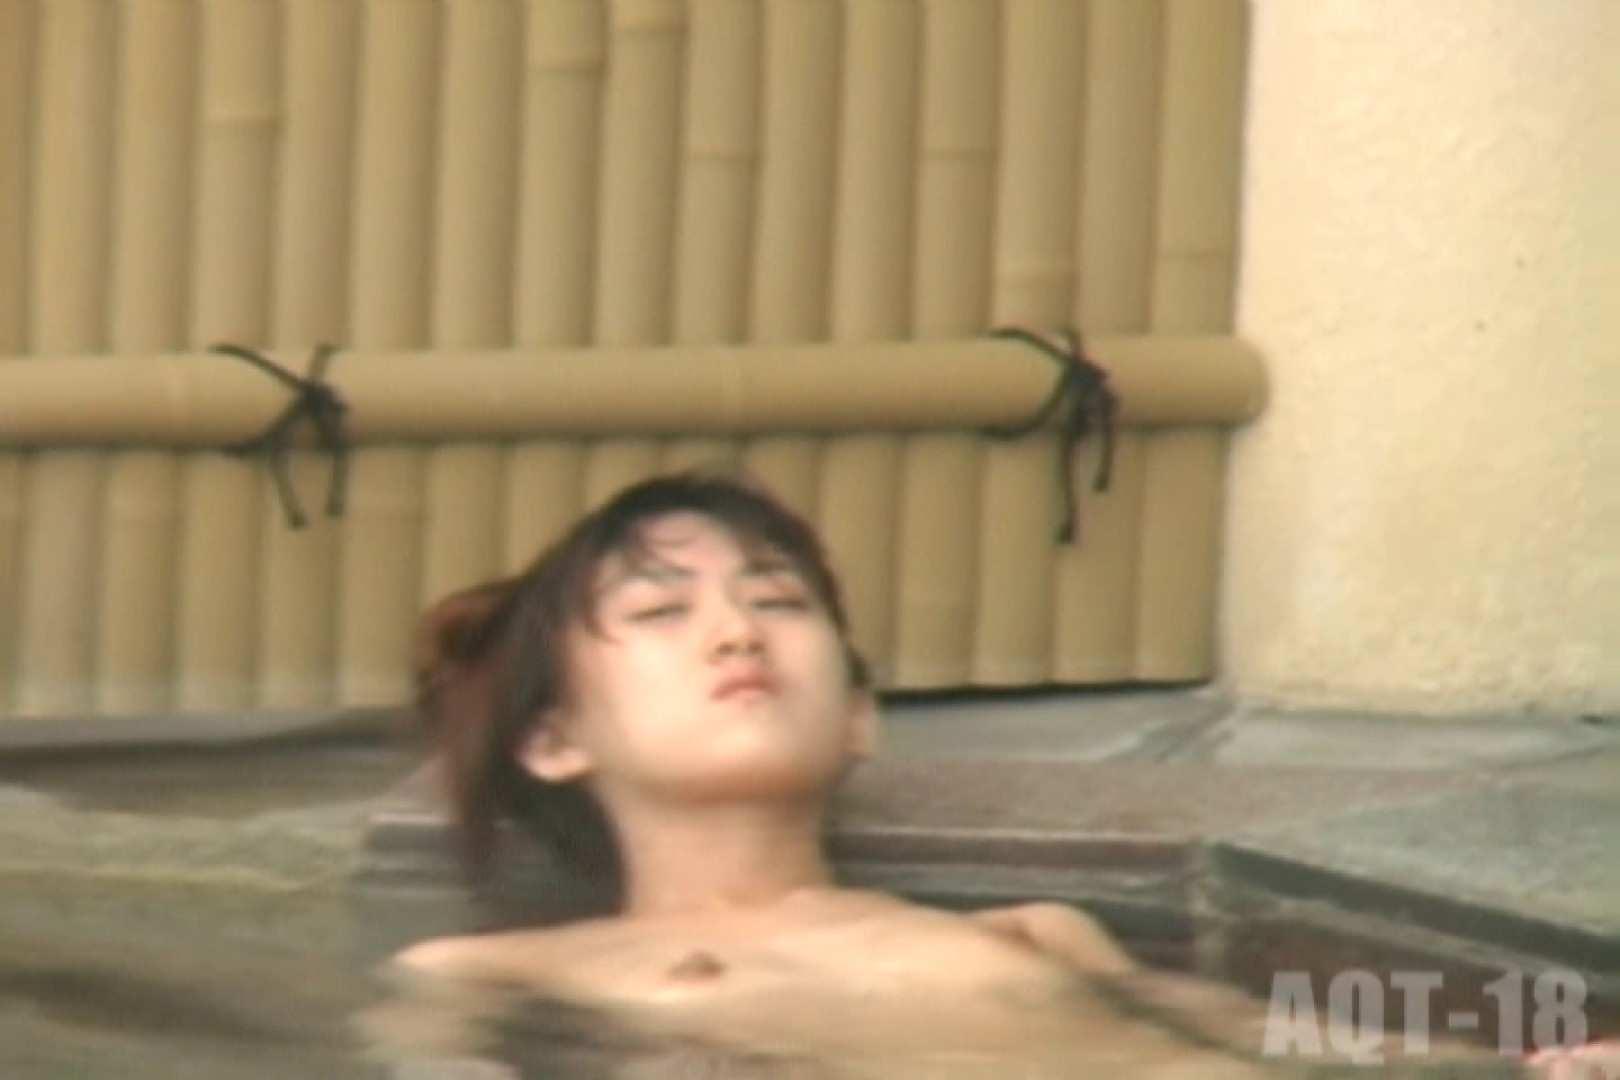 Aquaな露天風呂Vol.862 露天   OLエロ画像  92PICs 4